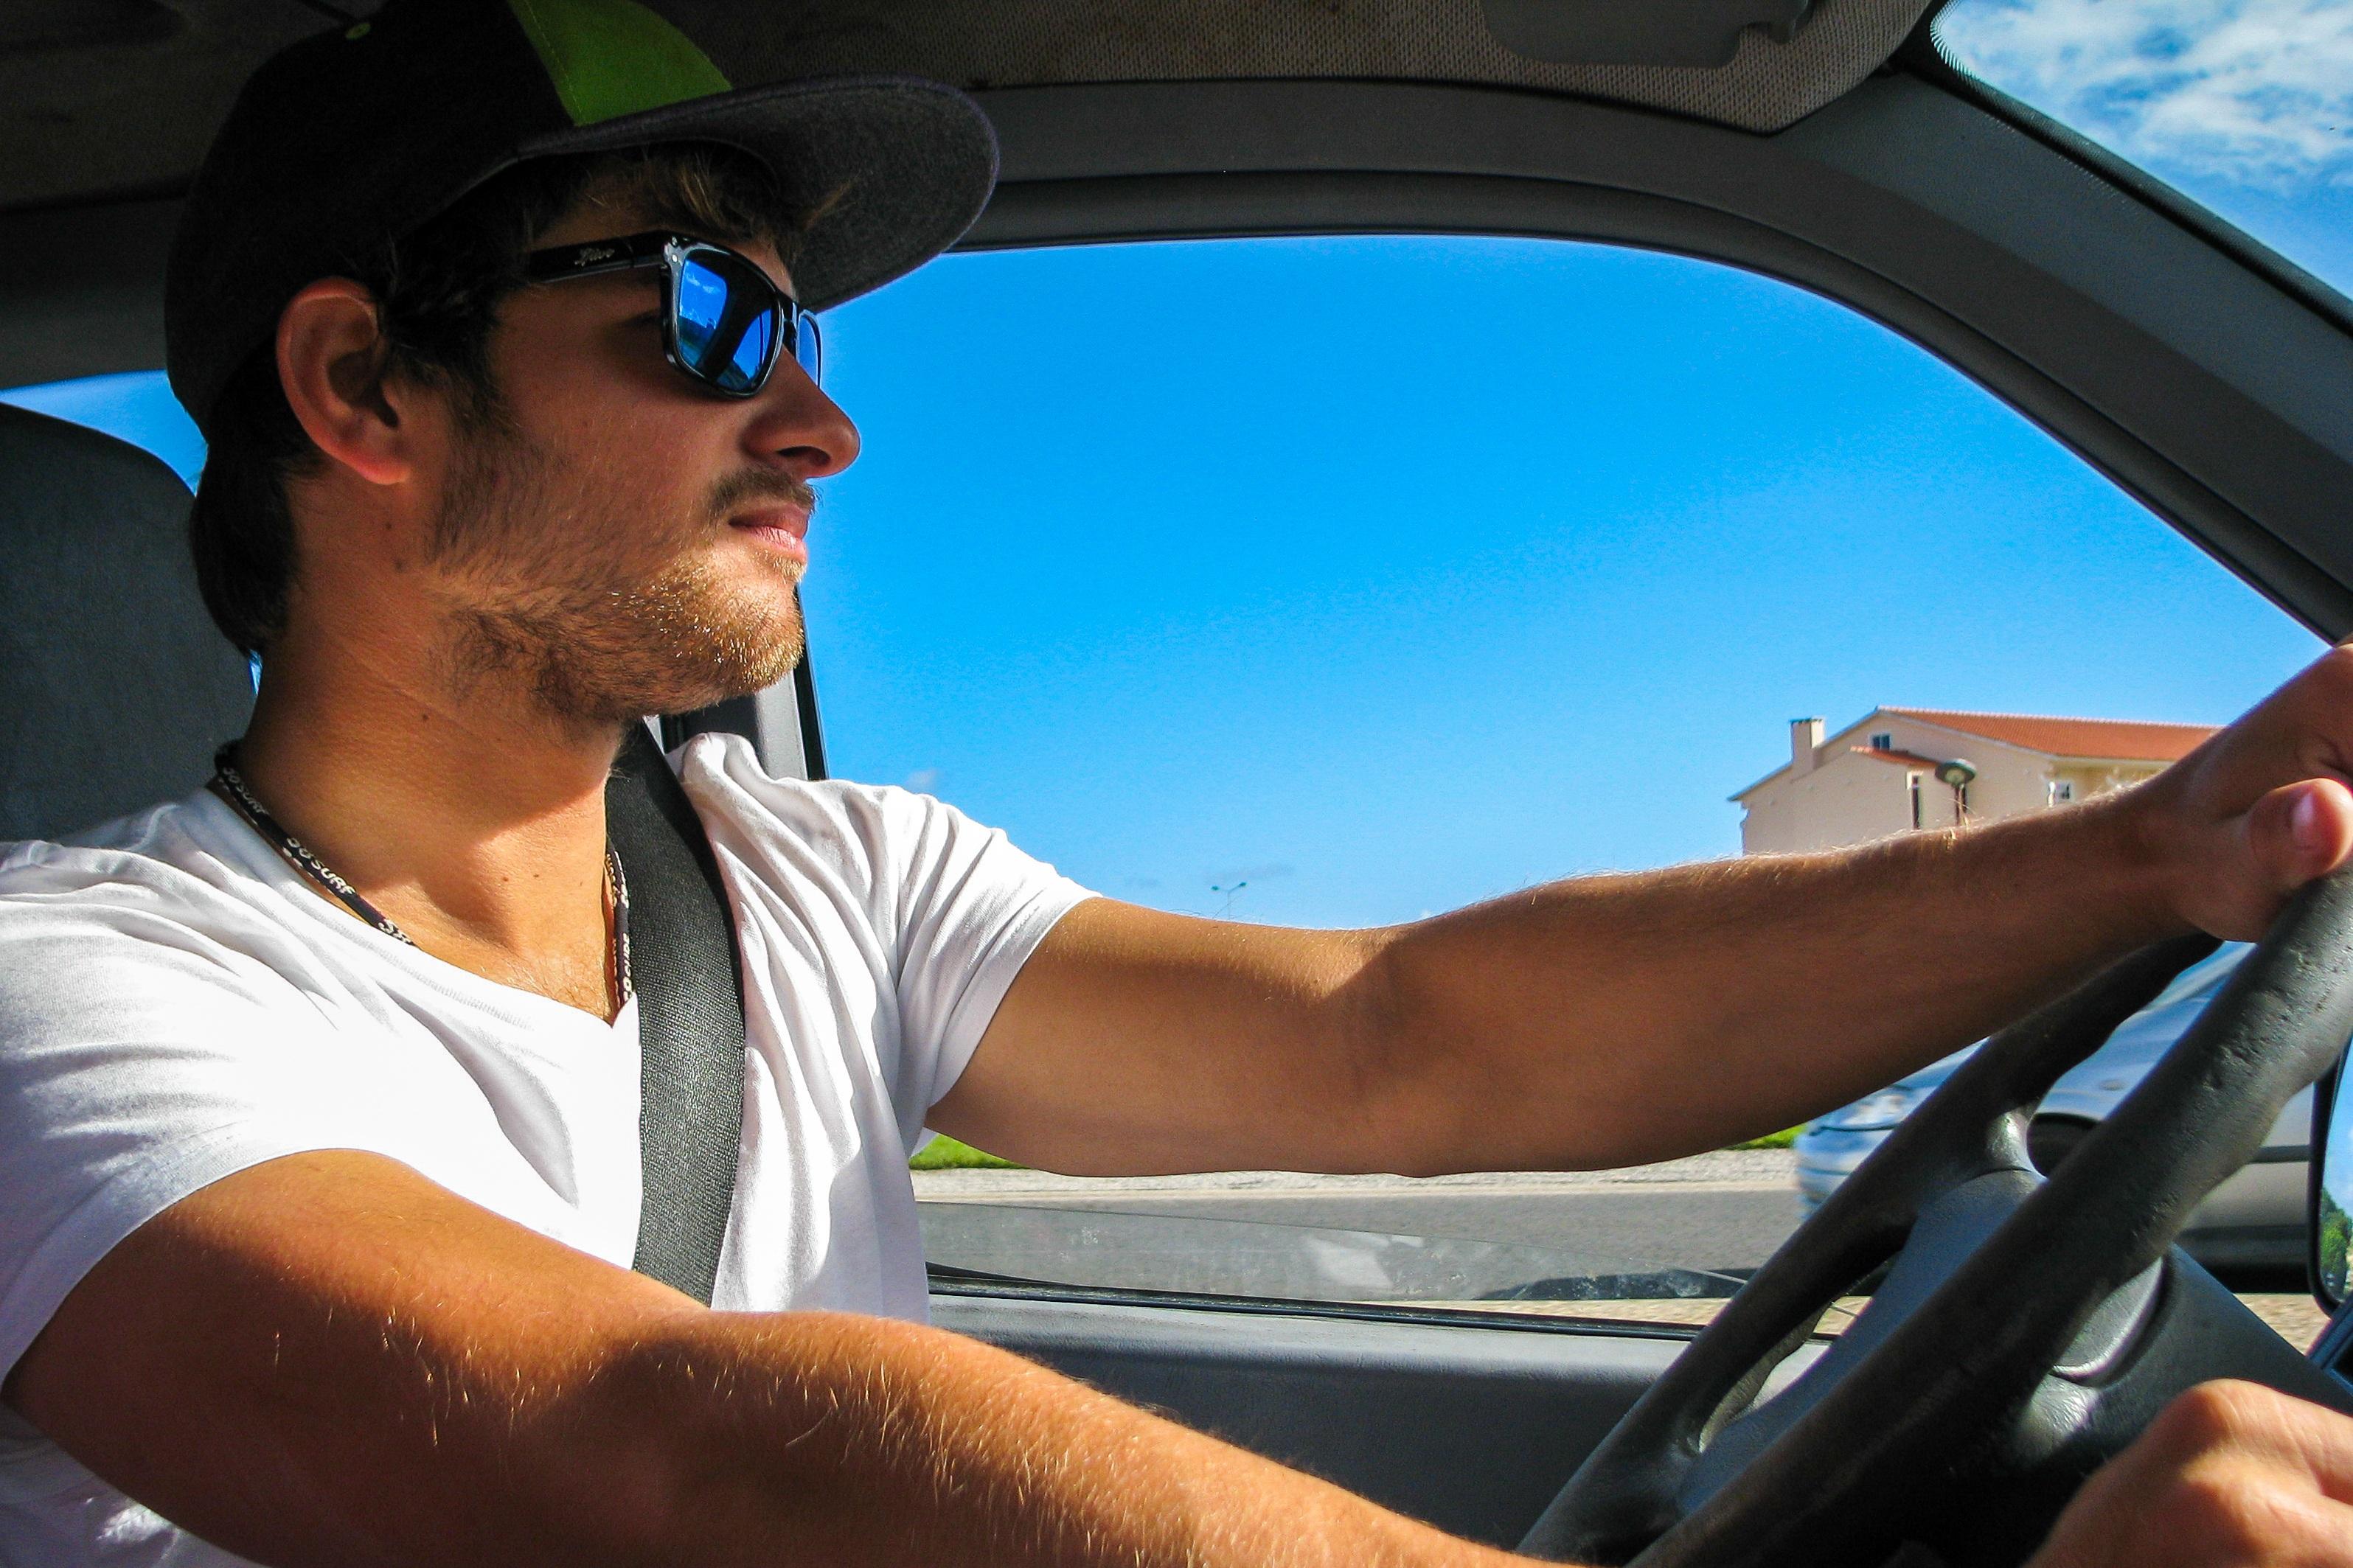 Ekspertas pataria: nuo akinančios saulės vairuotojams efektyviausios 6 priemonės